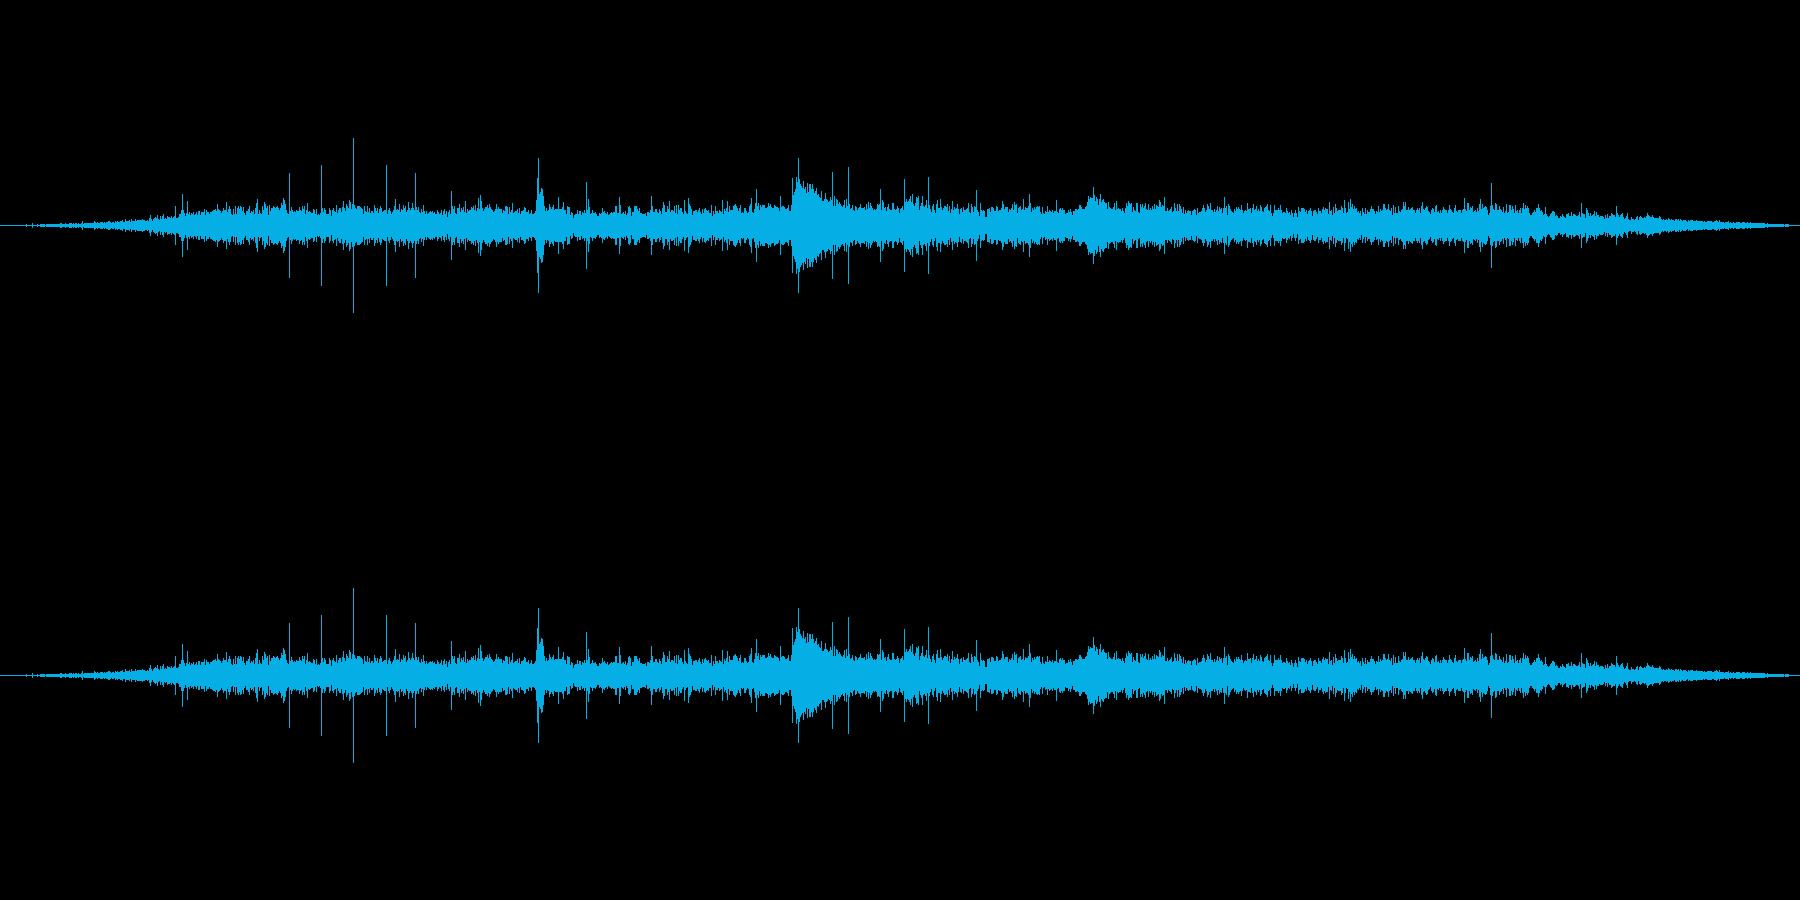 声のつぶやき音声開始領域-の再生済みの波形